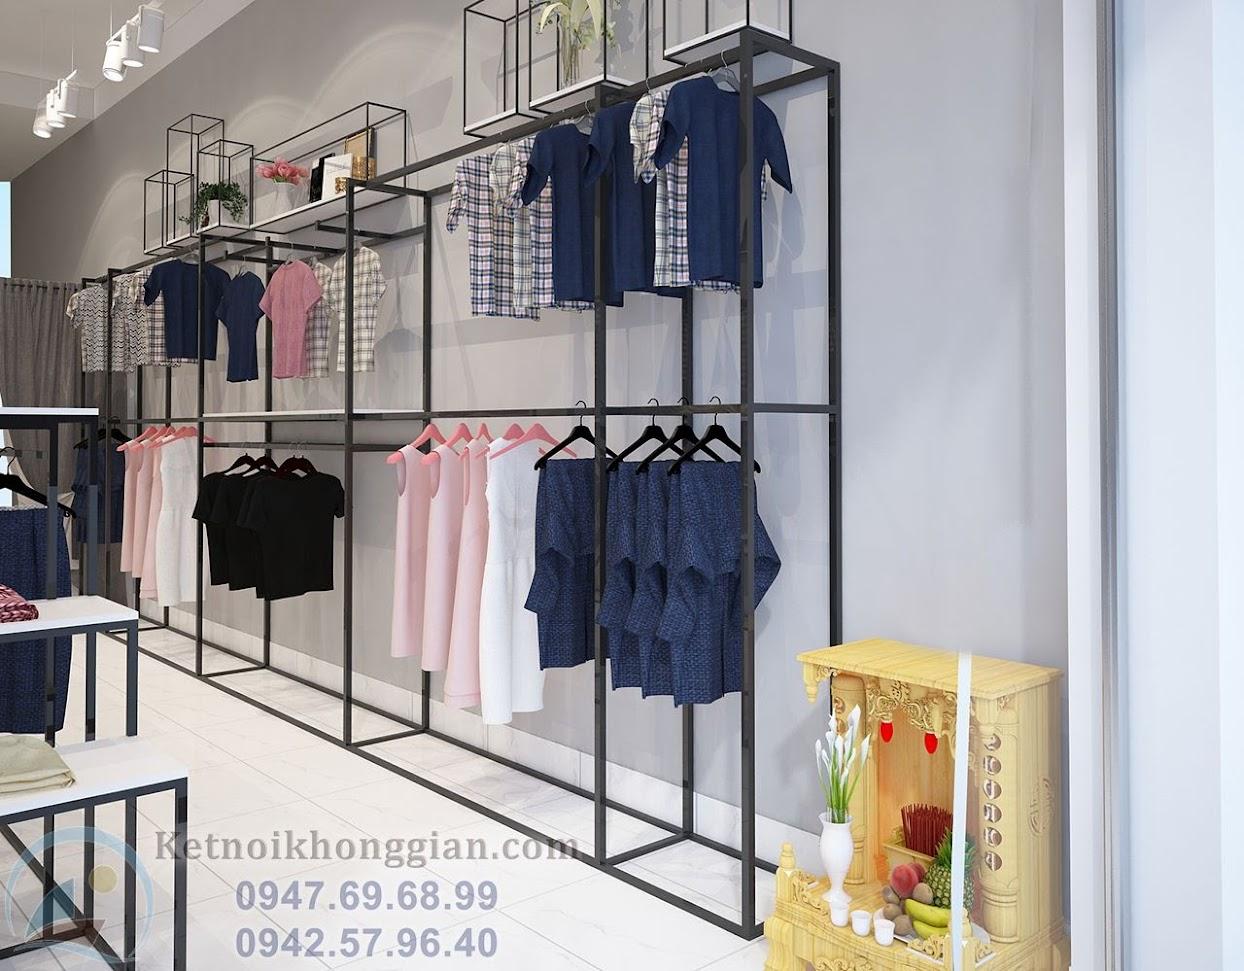 thiết kế shop thời trang công sở bền vững và đẹp